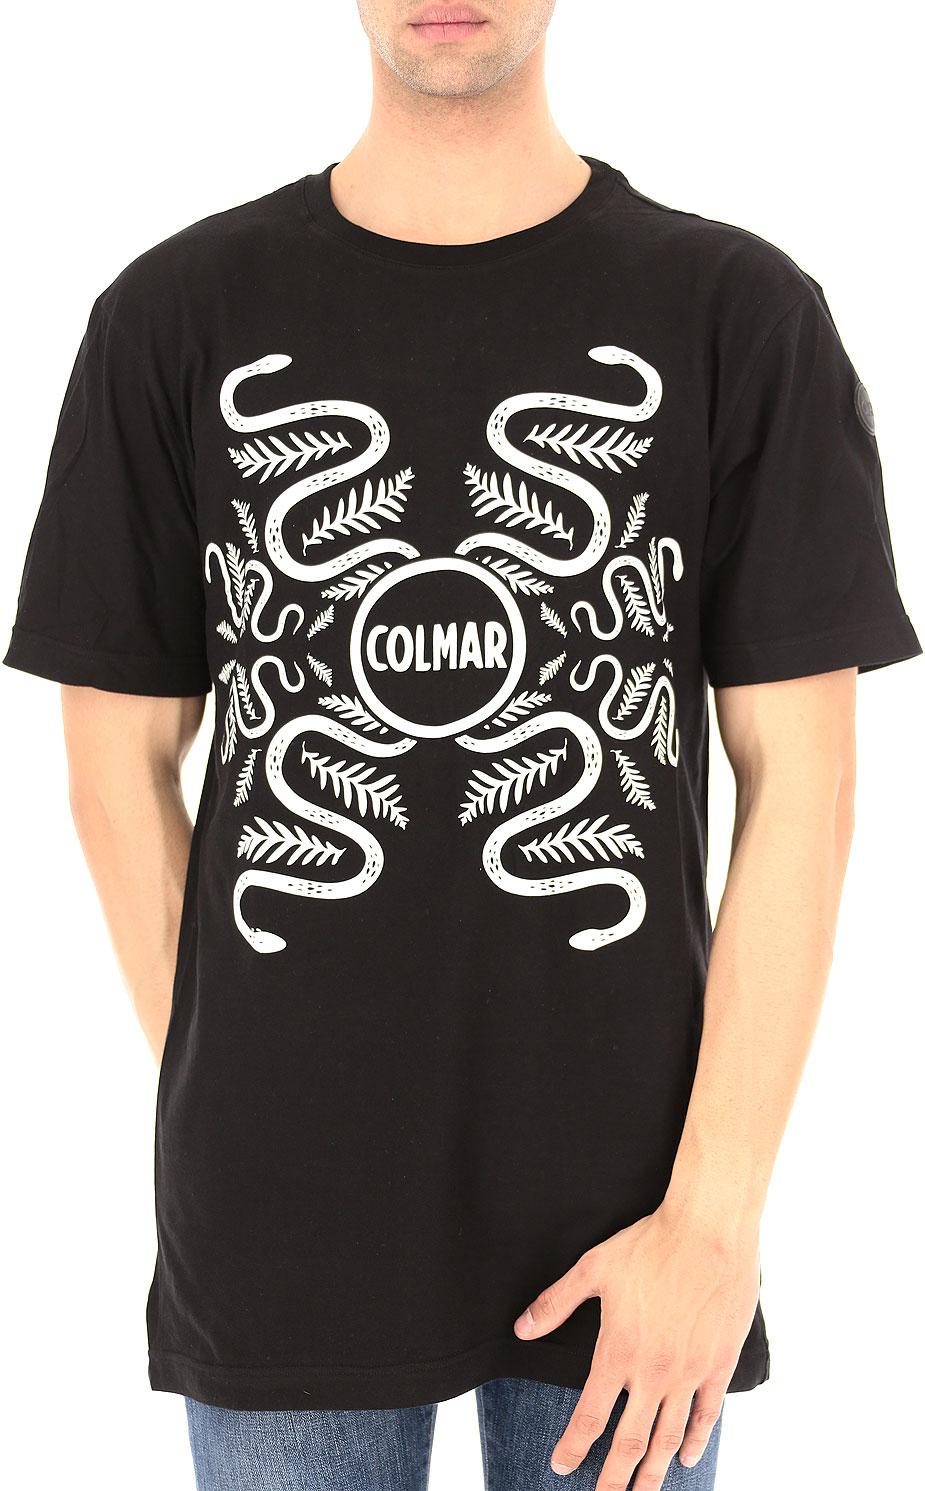 Abbigliamento Uomo Colmar, Codice Articolo: 8627-7si-99